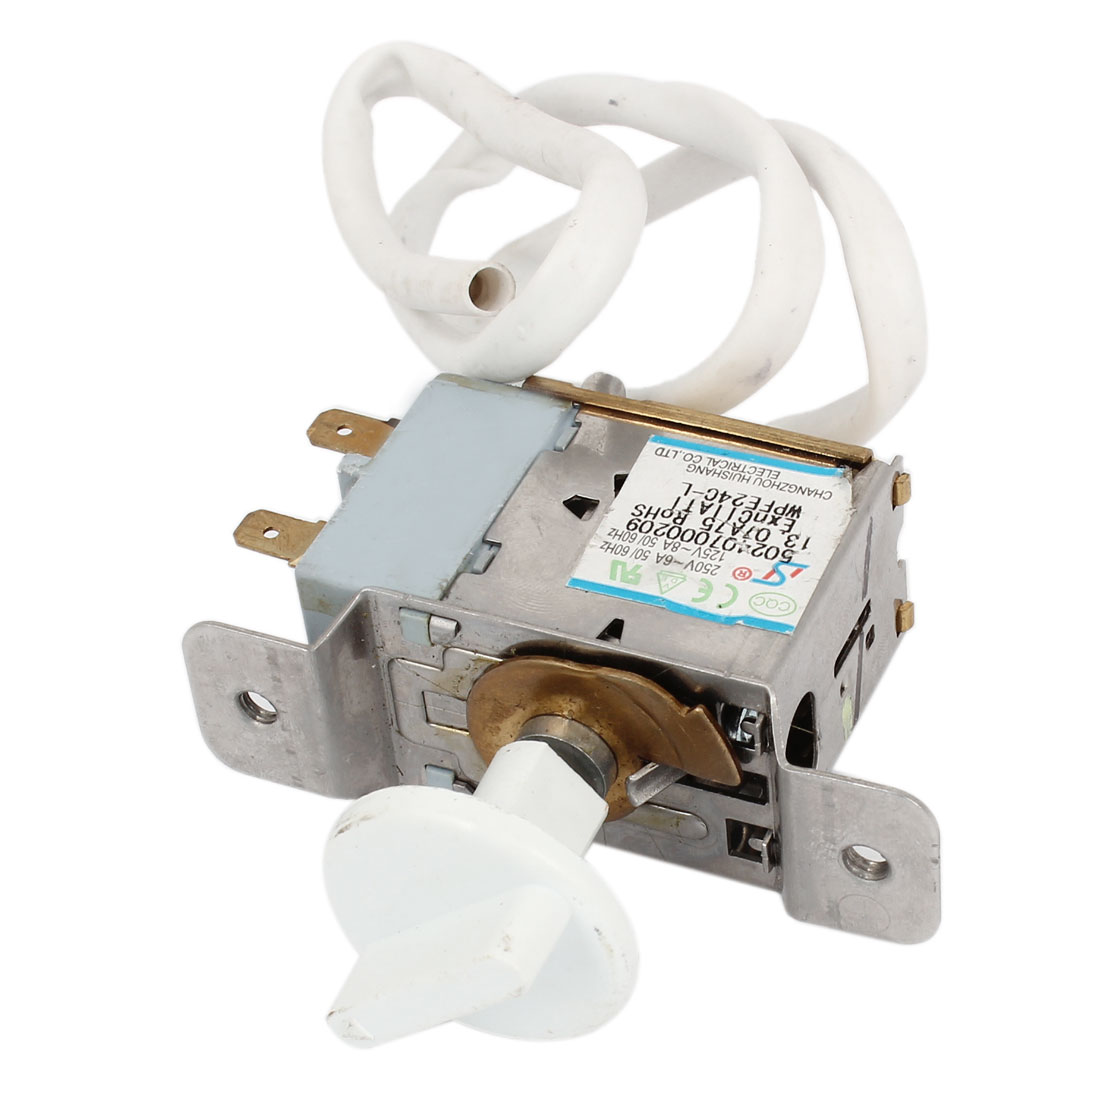 Electric Freezer Refrigerator Insulating AC 250V 6A/ 125V 8A